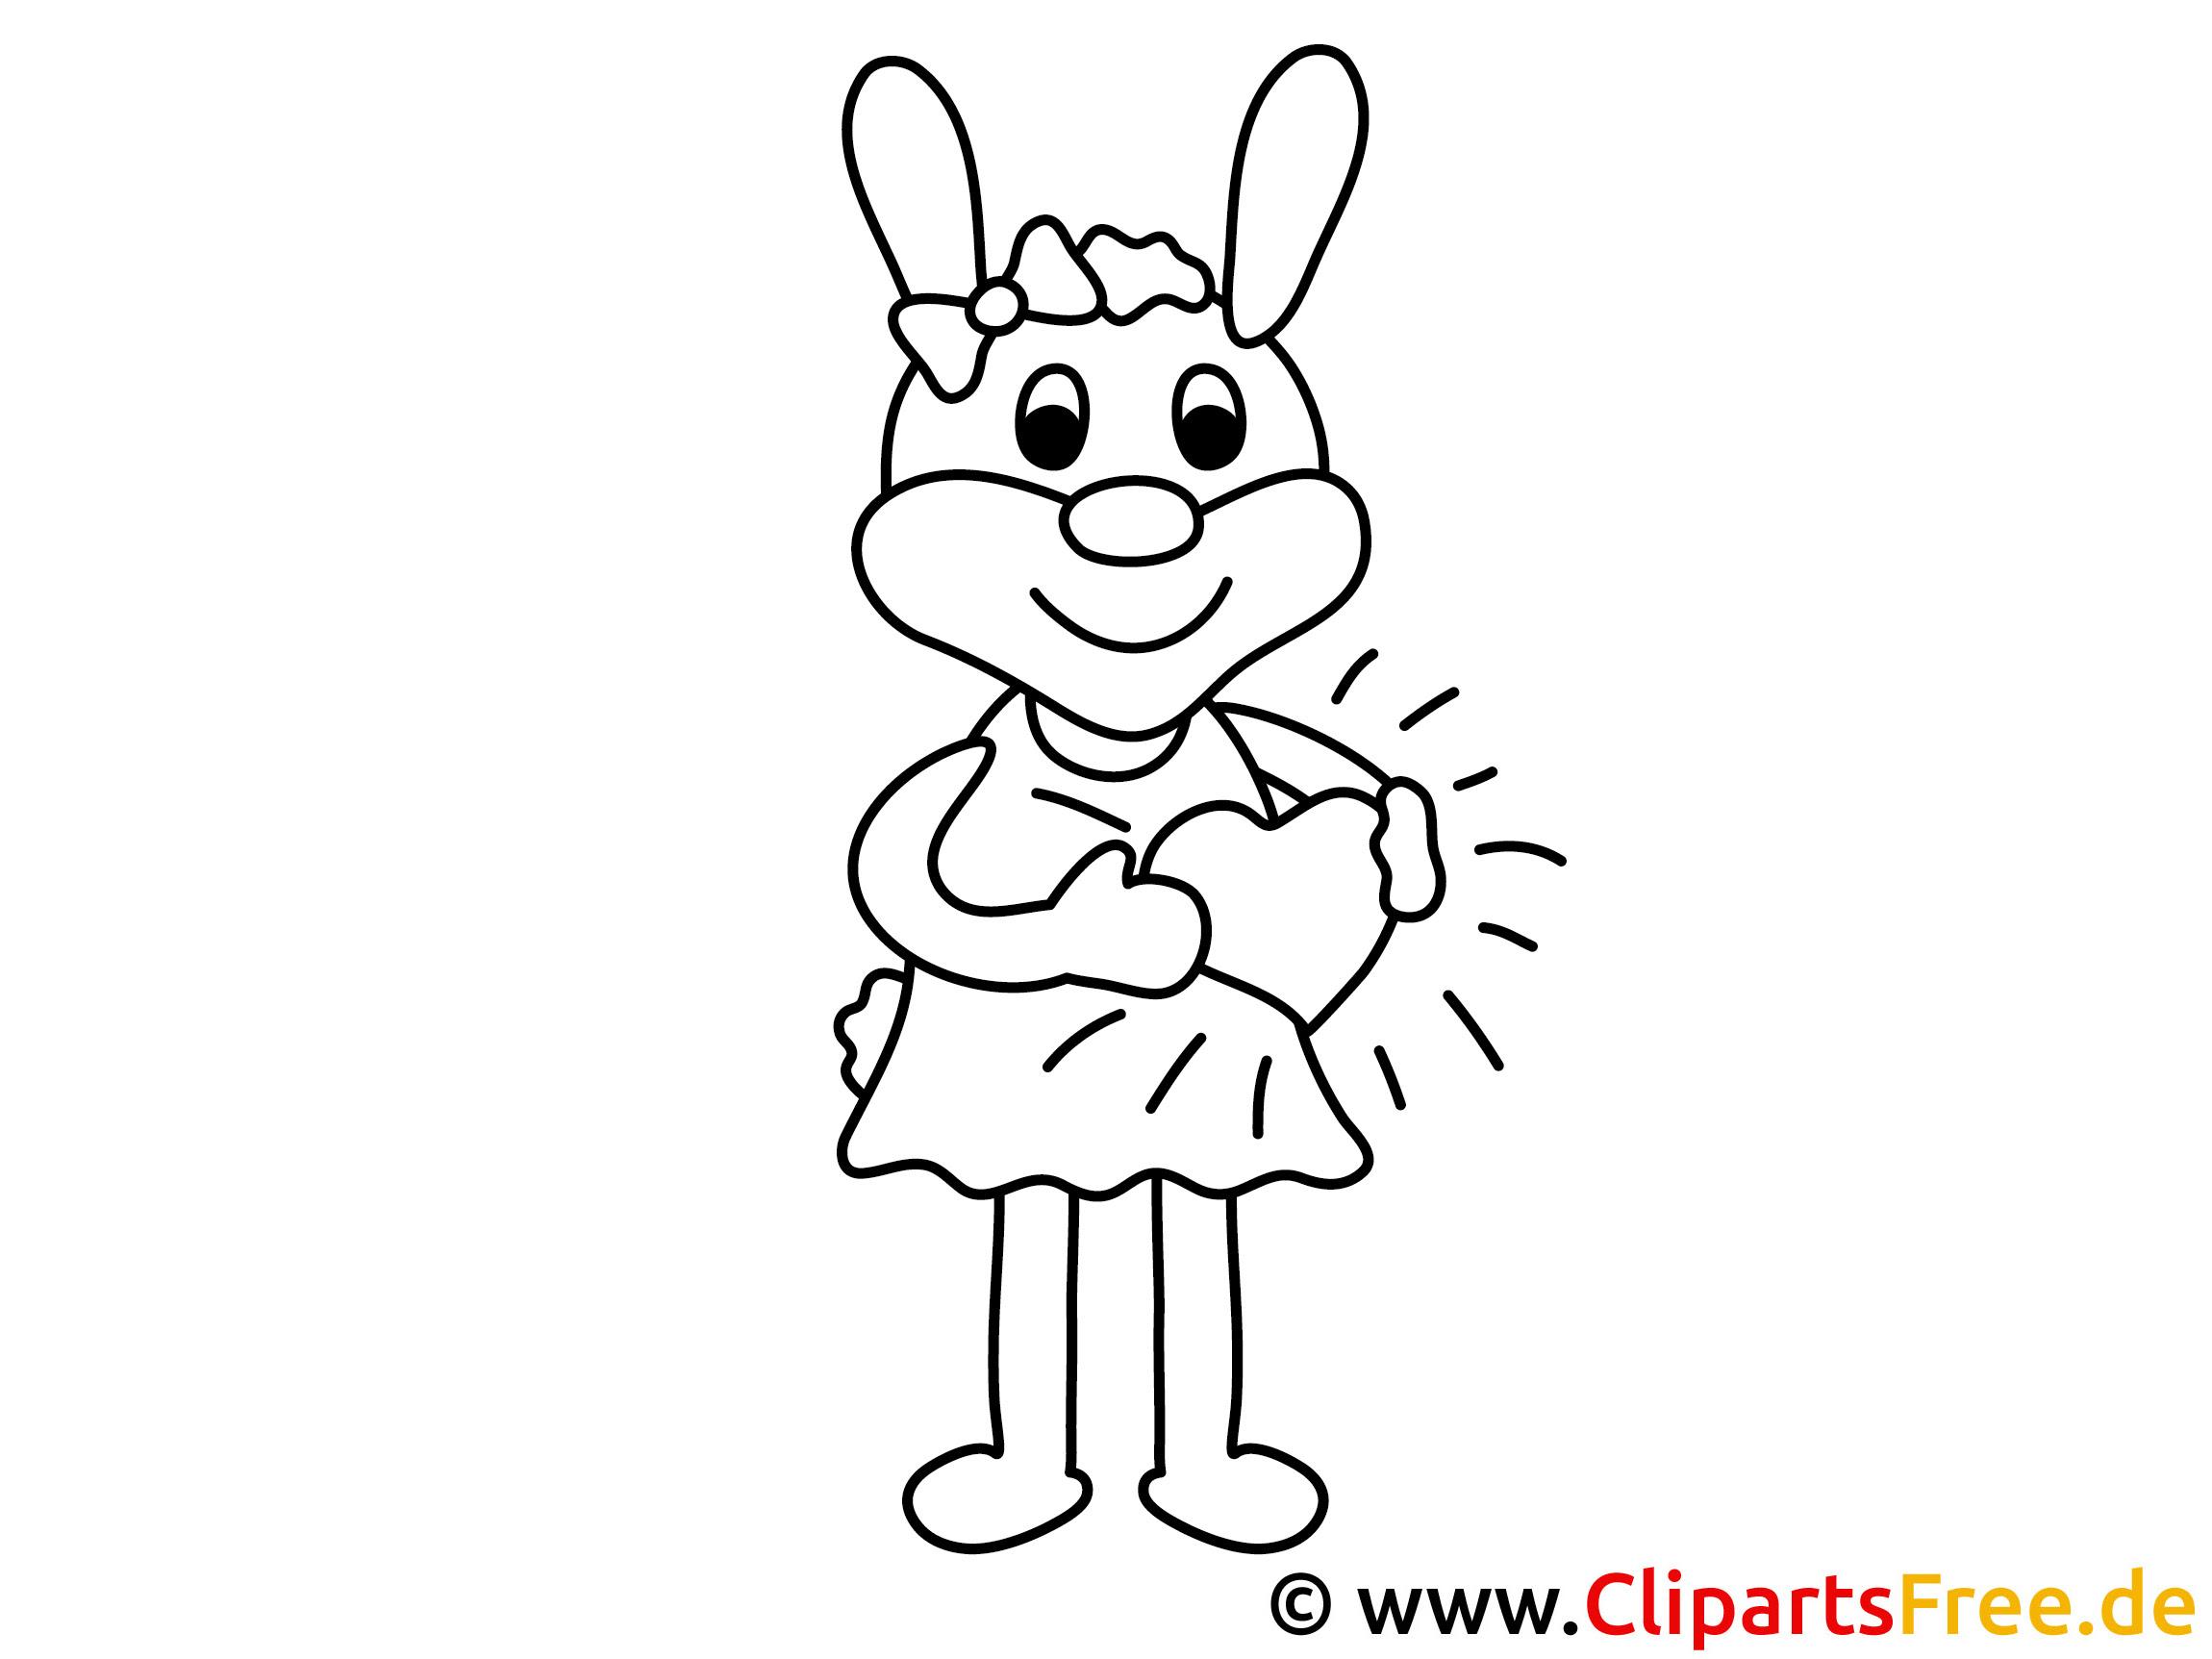 Herz malvorlage - Ausmalbilder für kinder - Ausmalbilder